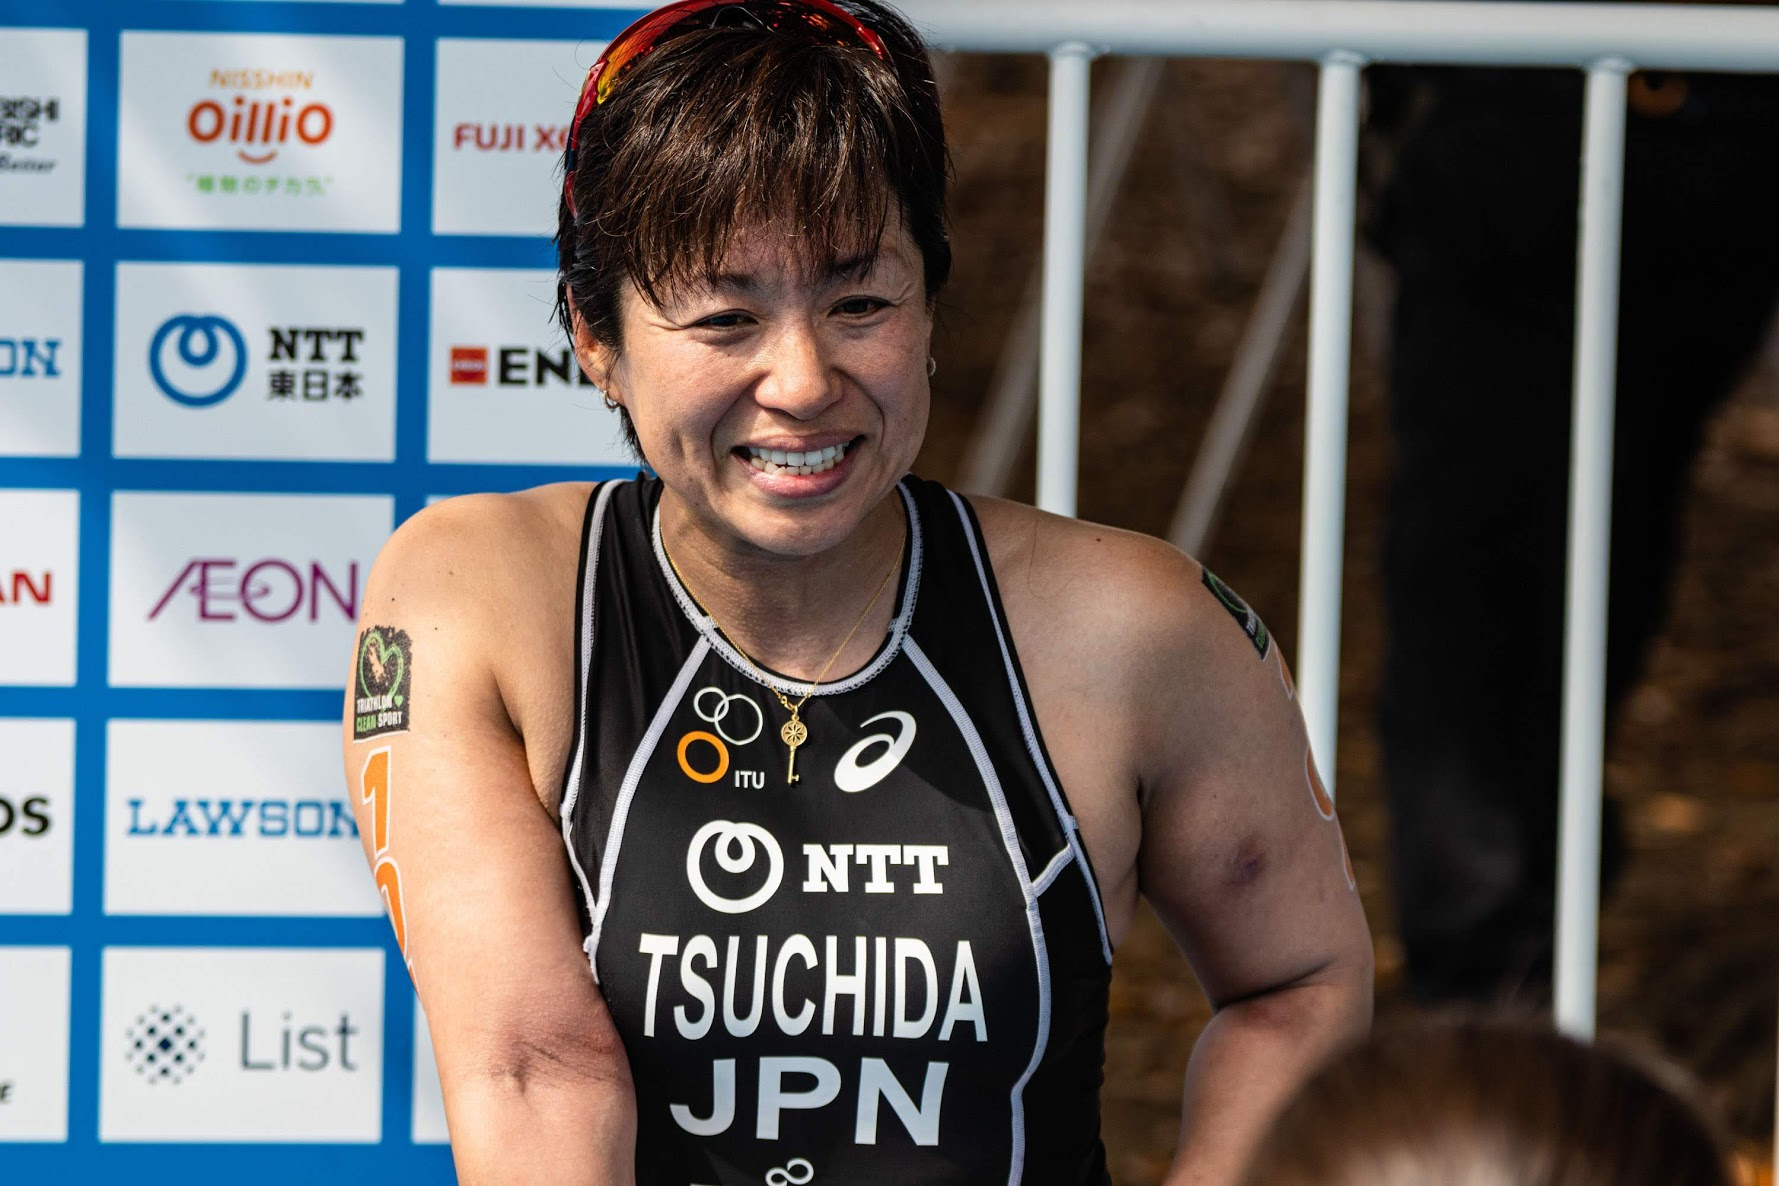 レース後の取材をうける土田和歌子(八千代工業) 写真・木田光重